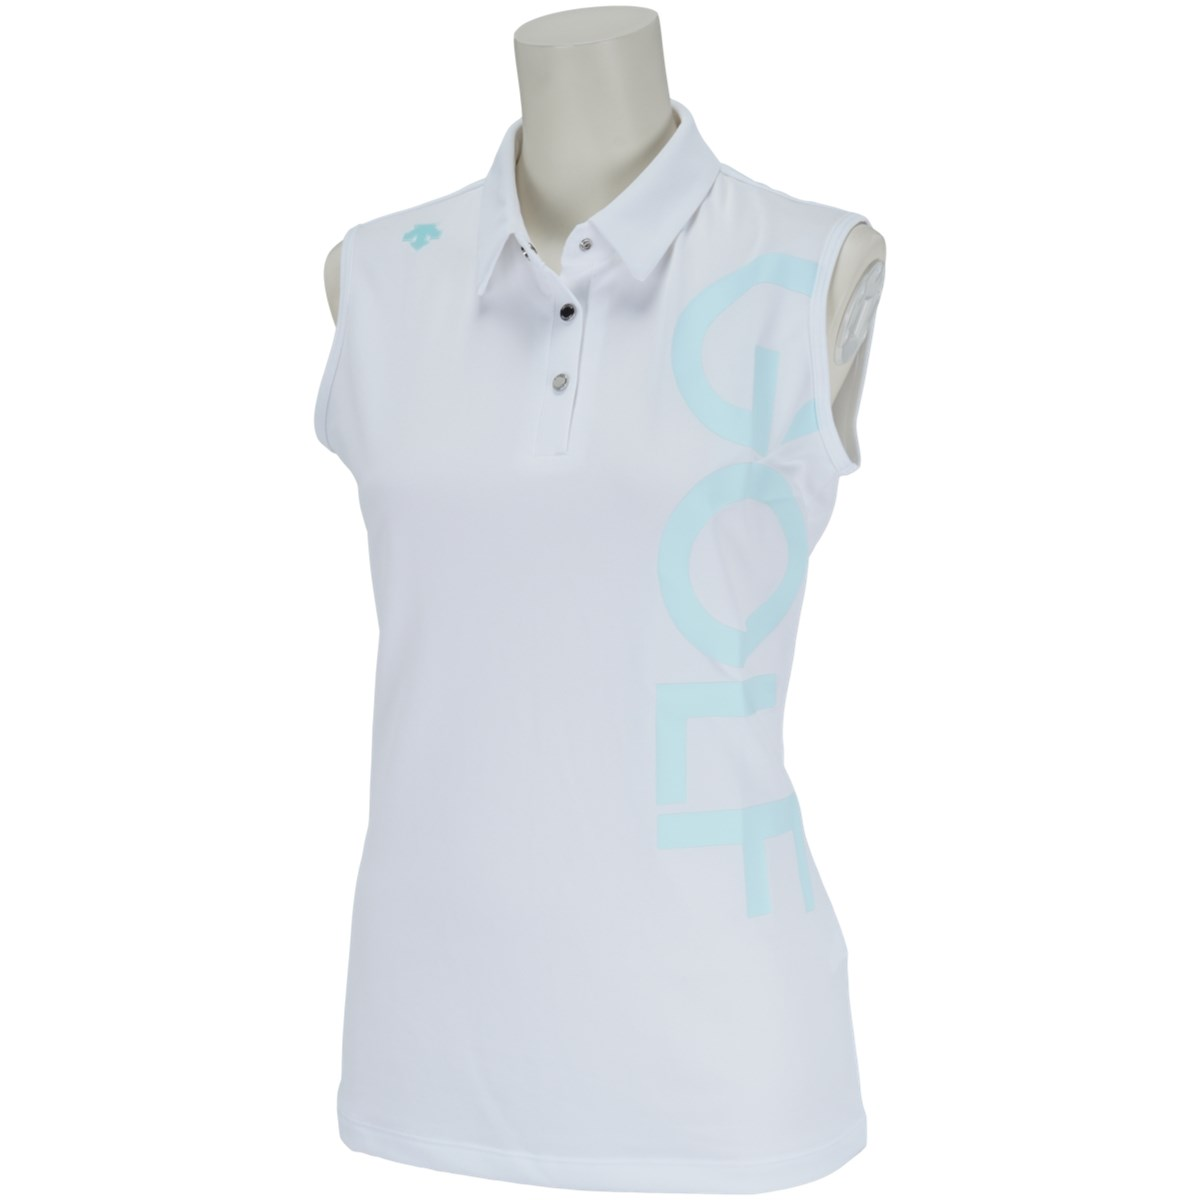 デサントゴルフ DESCENTE GOLF ECOフィールドセンサープラスロゴプリントスリーブレスポロシャツ O ホワイト 00 レディス